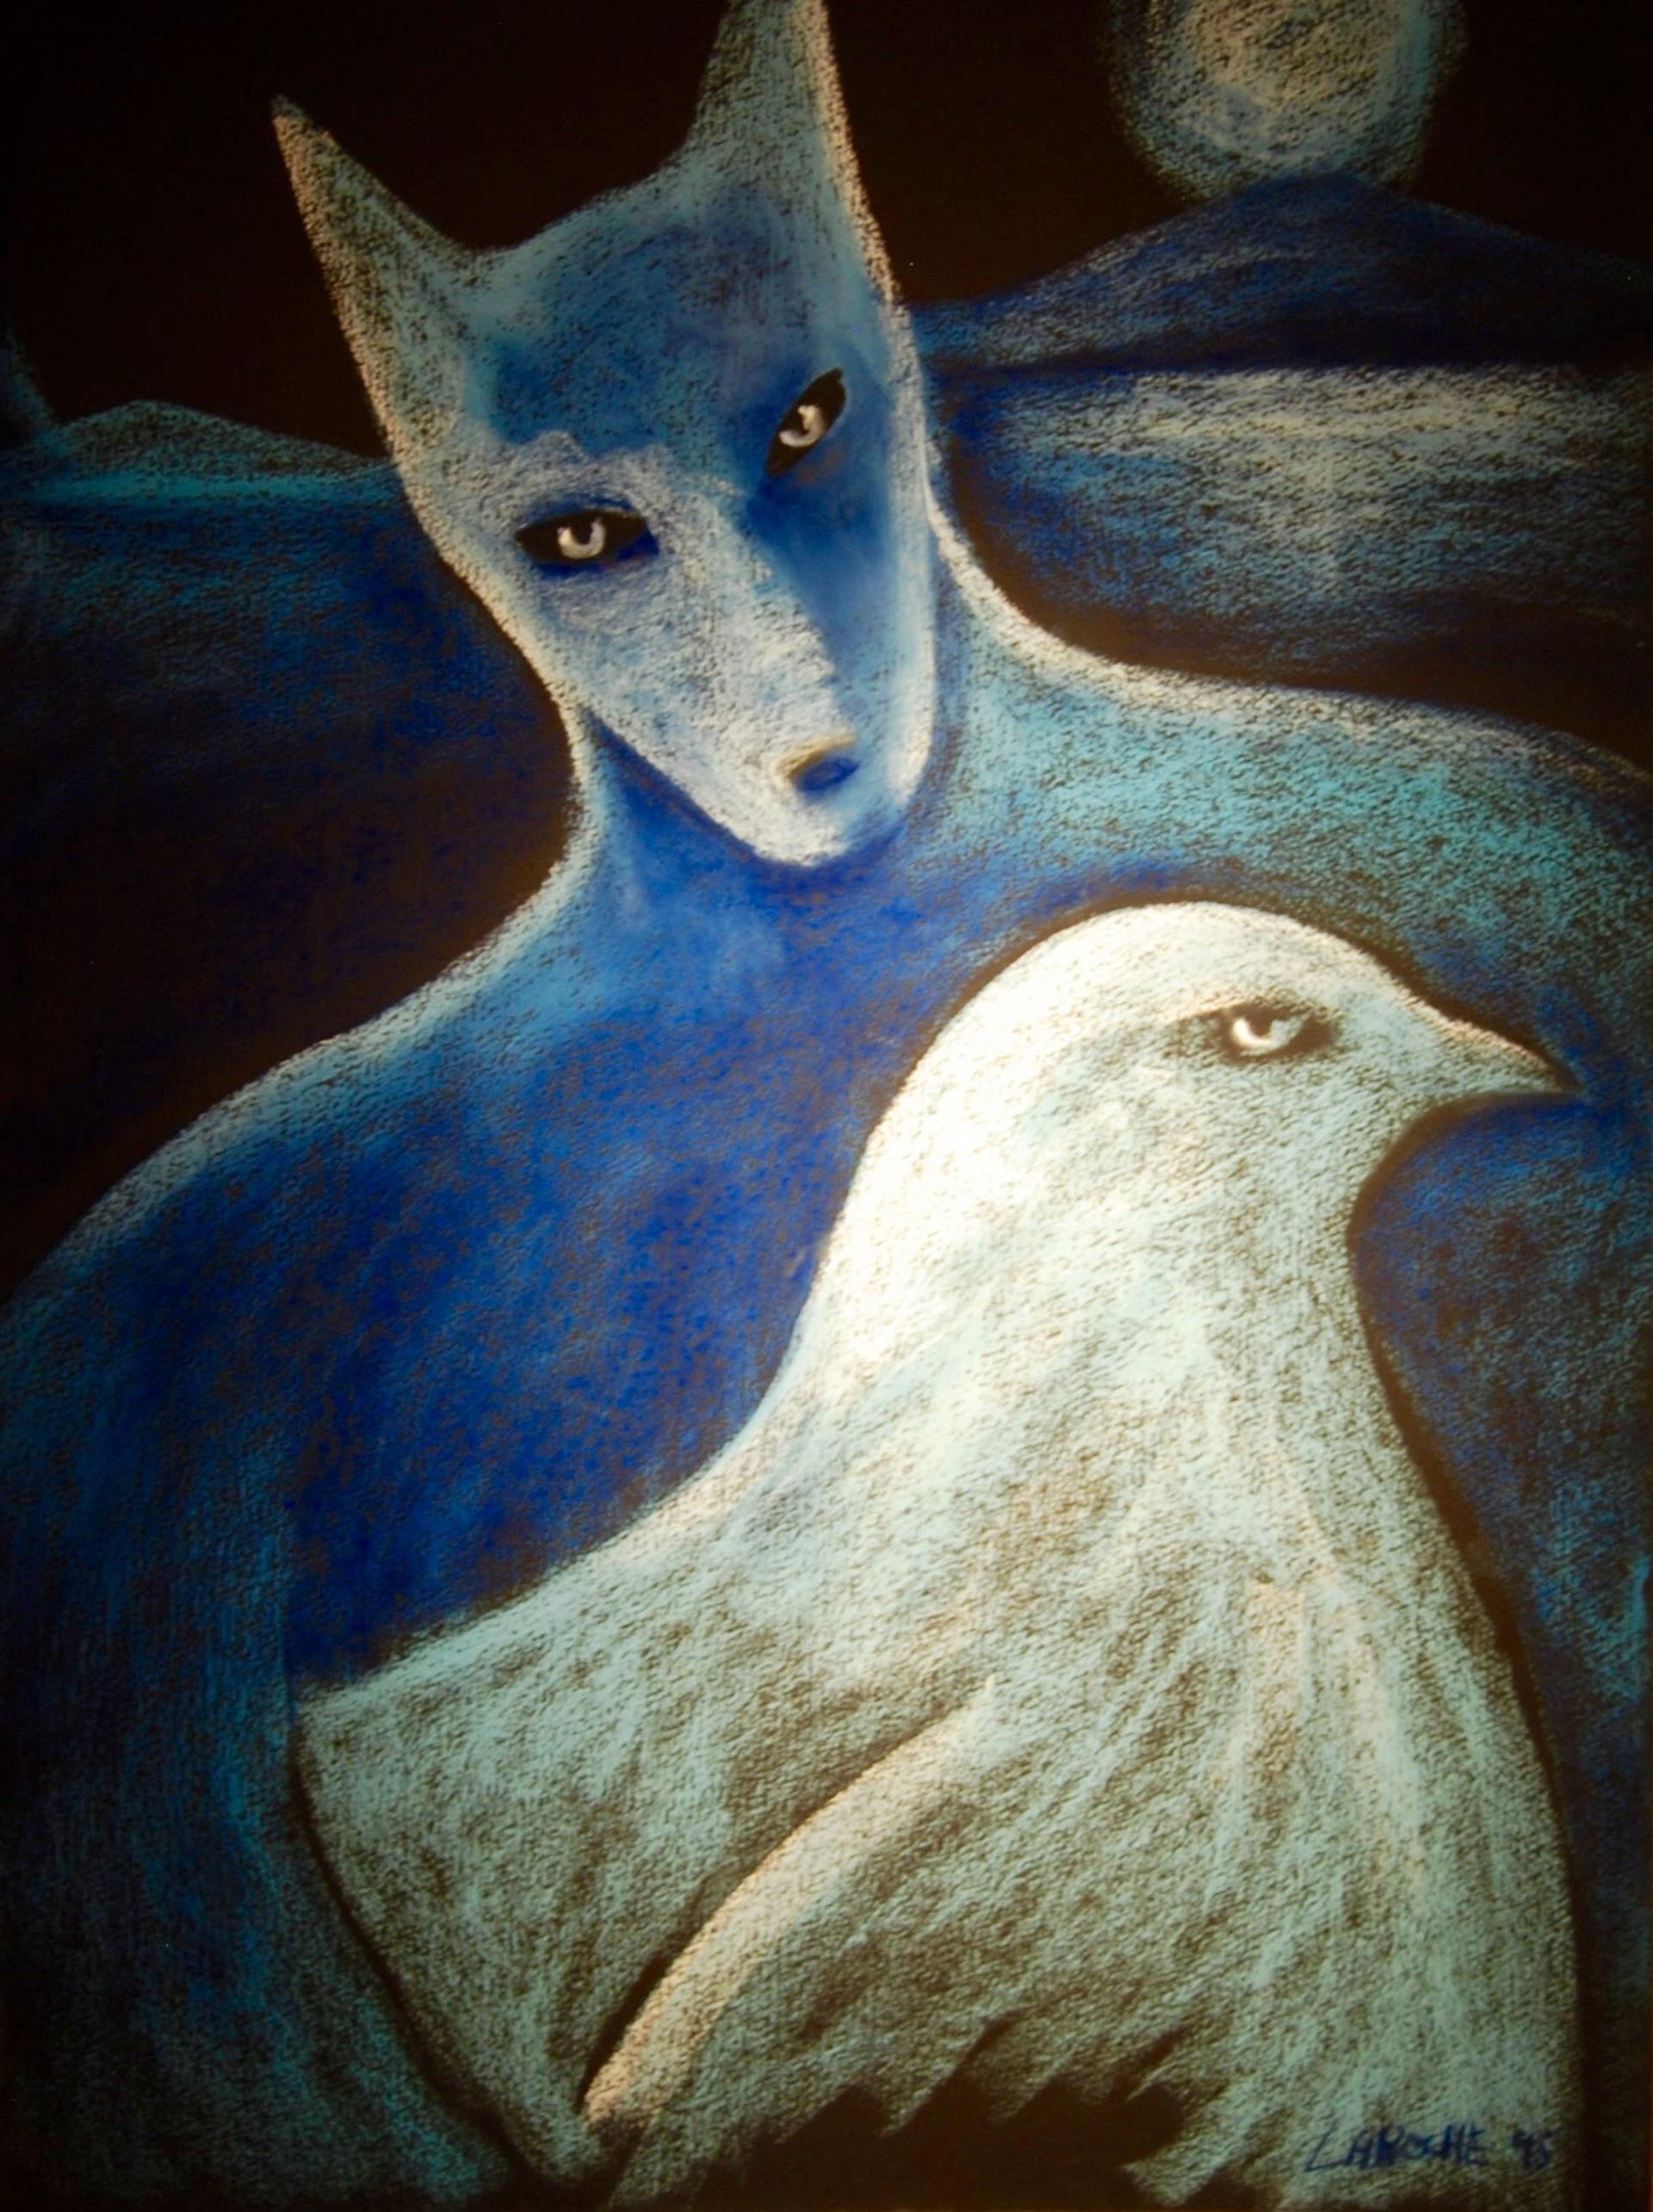 Moonlight Protector - Unframed by Carole LaRoche